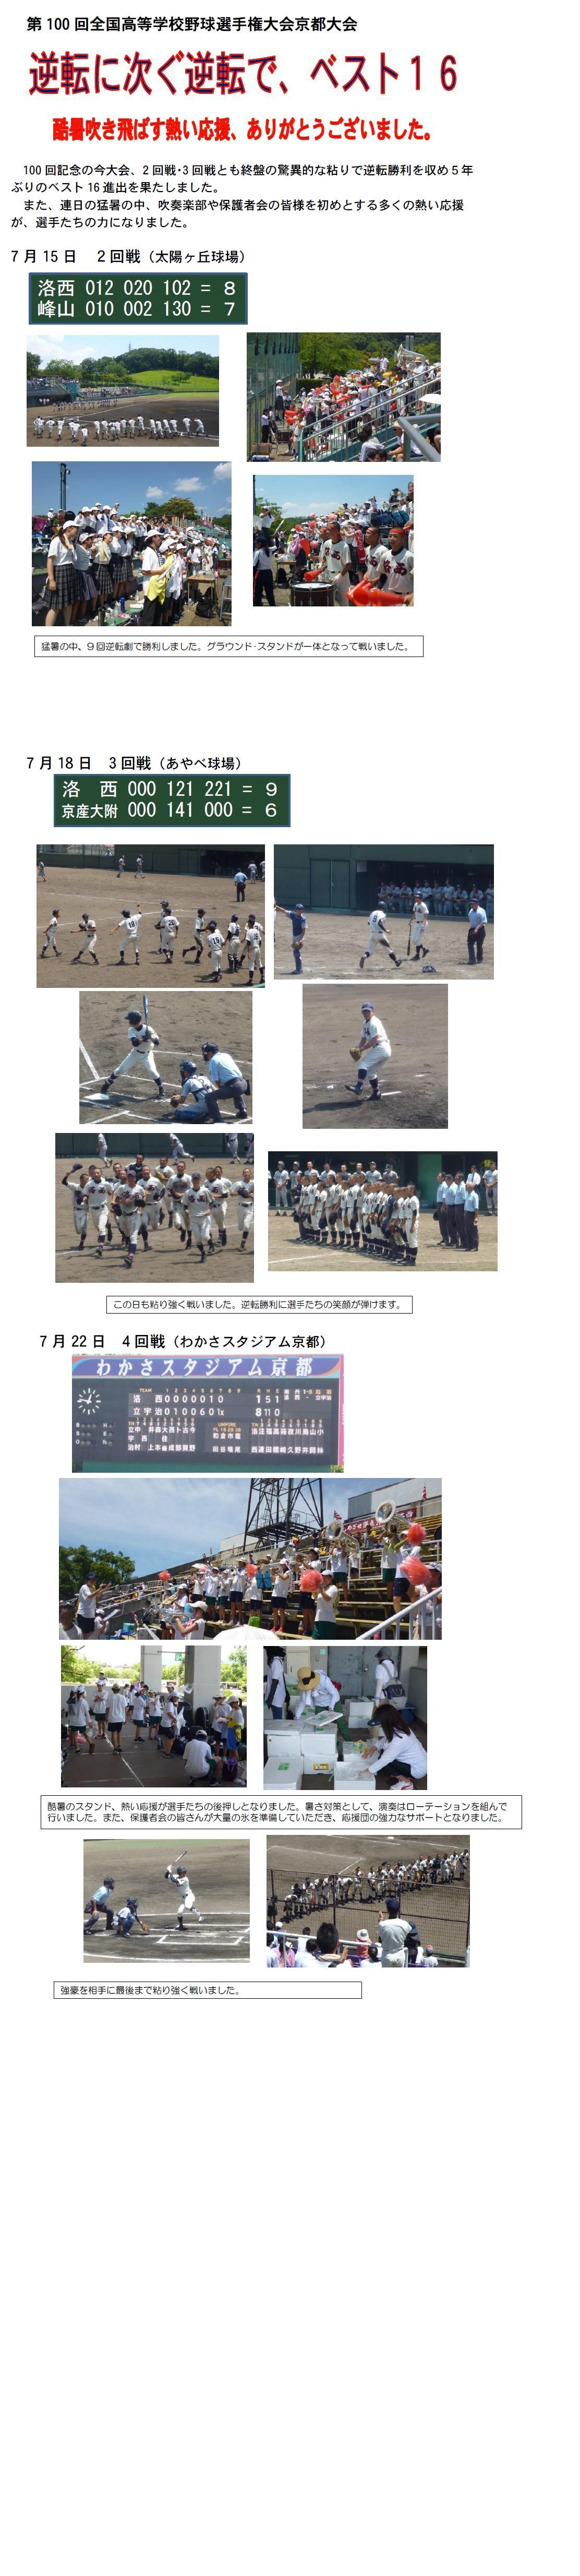 2018野球夏記事.jpg